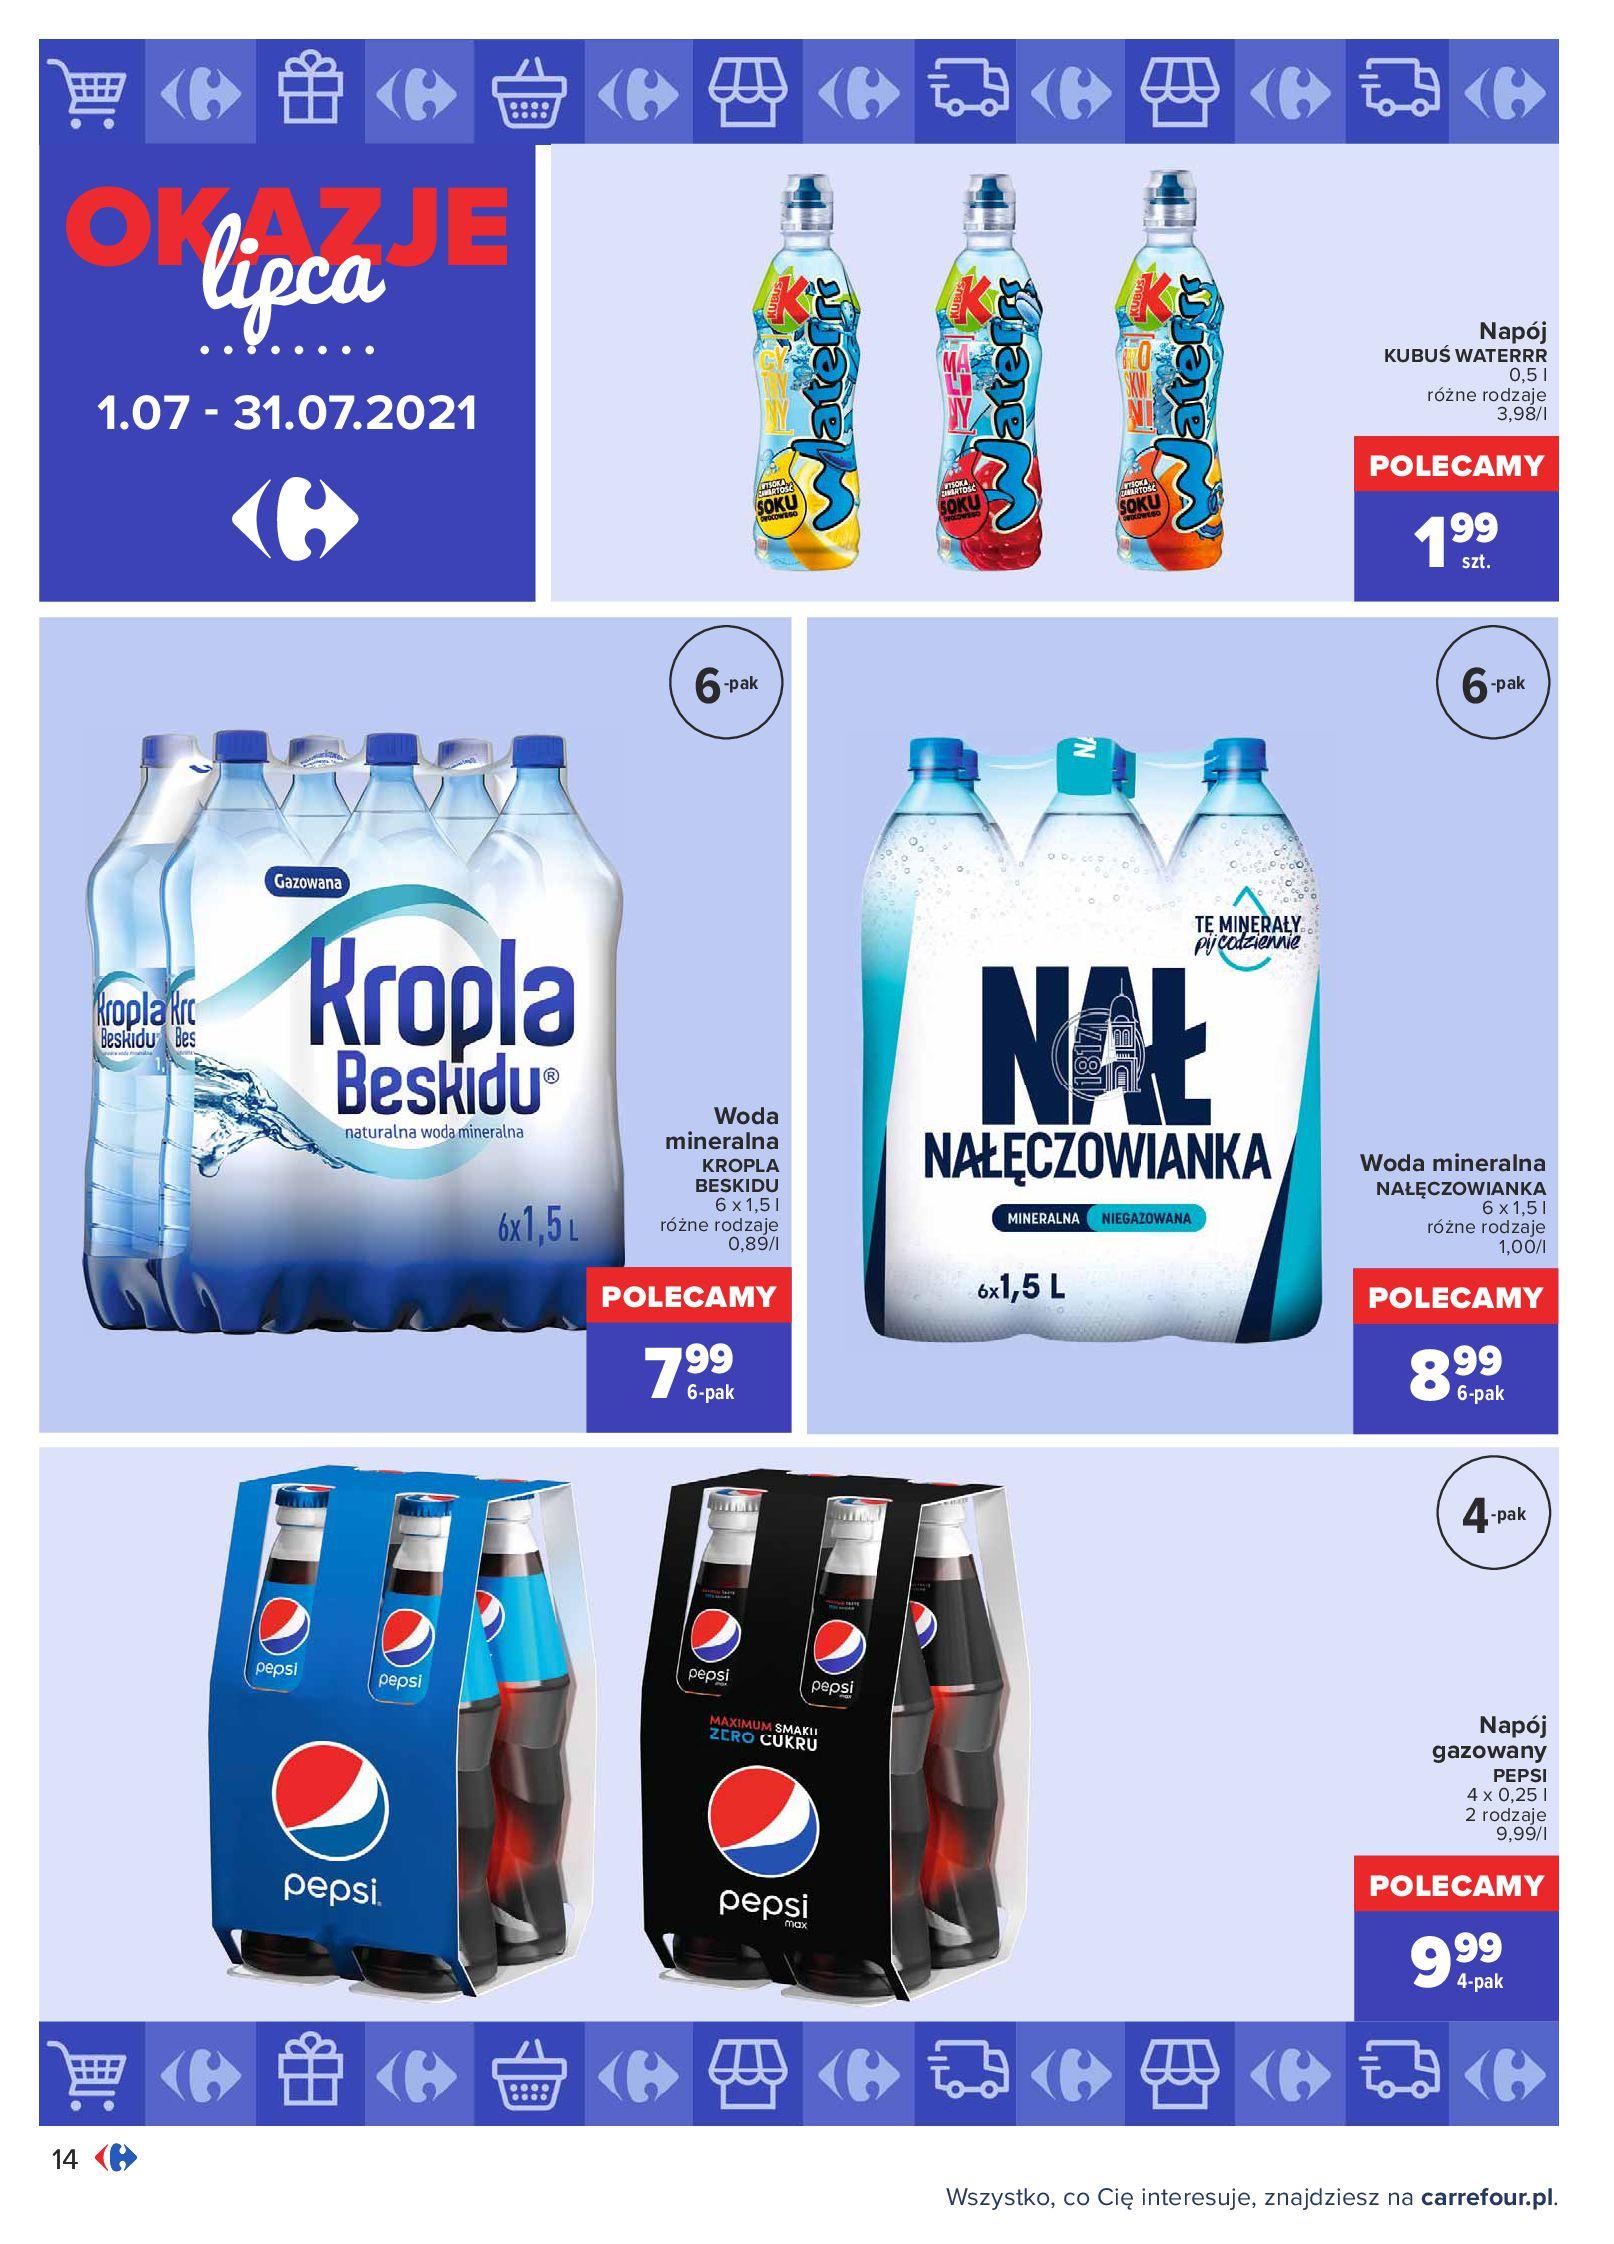 Gazetka Carrefour: Gazetka Carrefour - Okazje lipca 2021-07-01 page-14